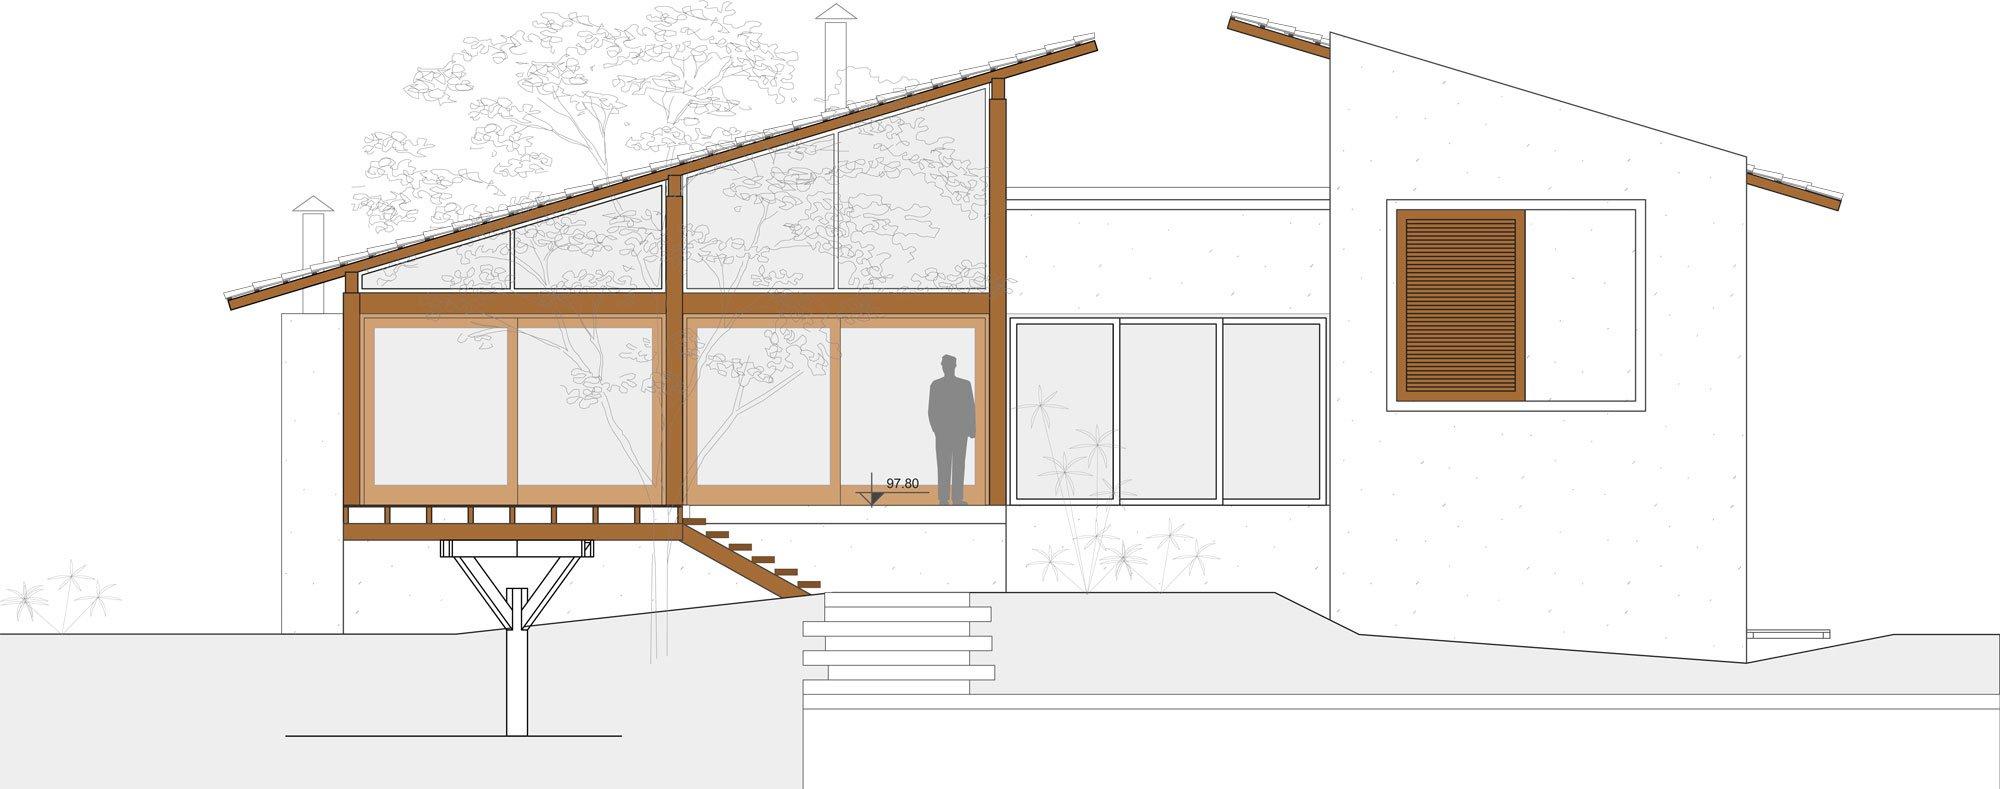 Casa de campo de madera y hormig n de 280 metros cuadrados for Cubiertas para casas campestres